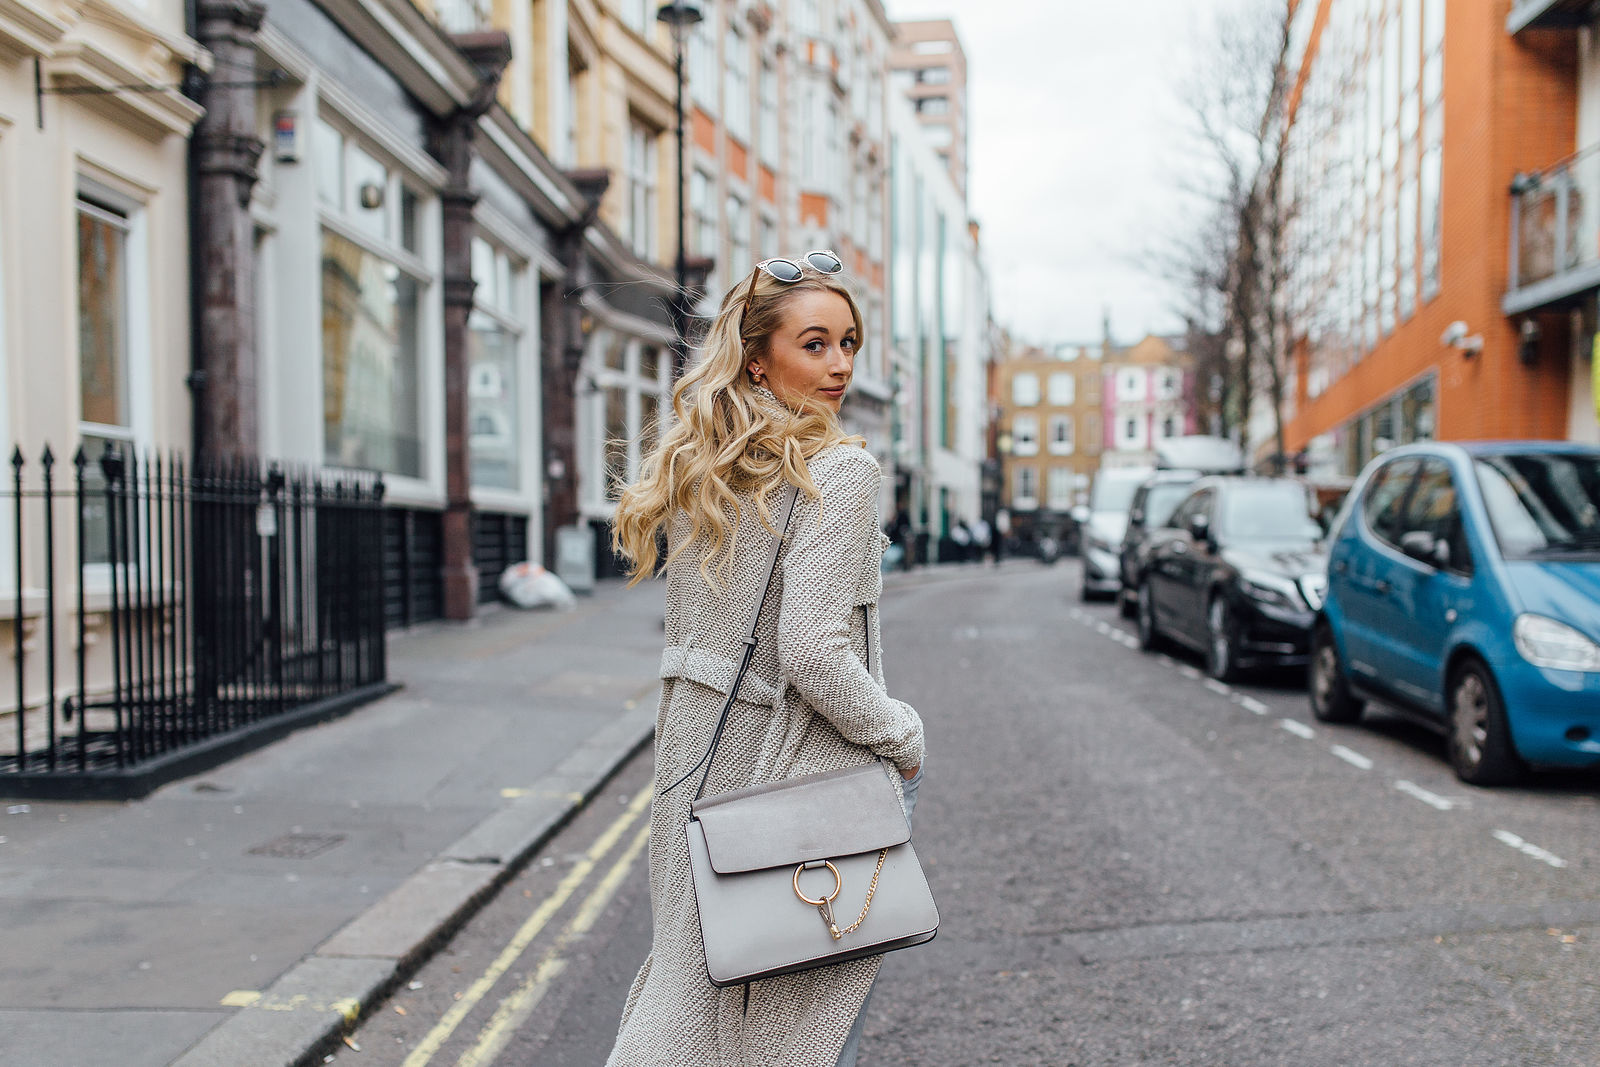 Josie, FashionMumblr